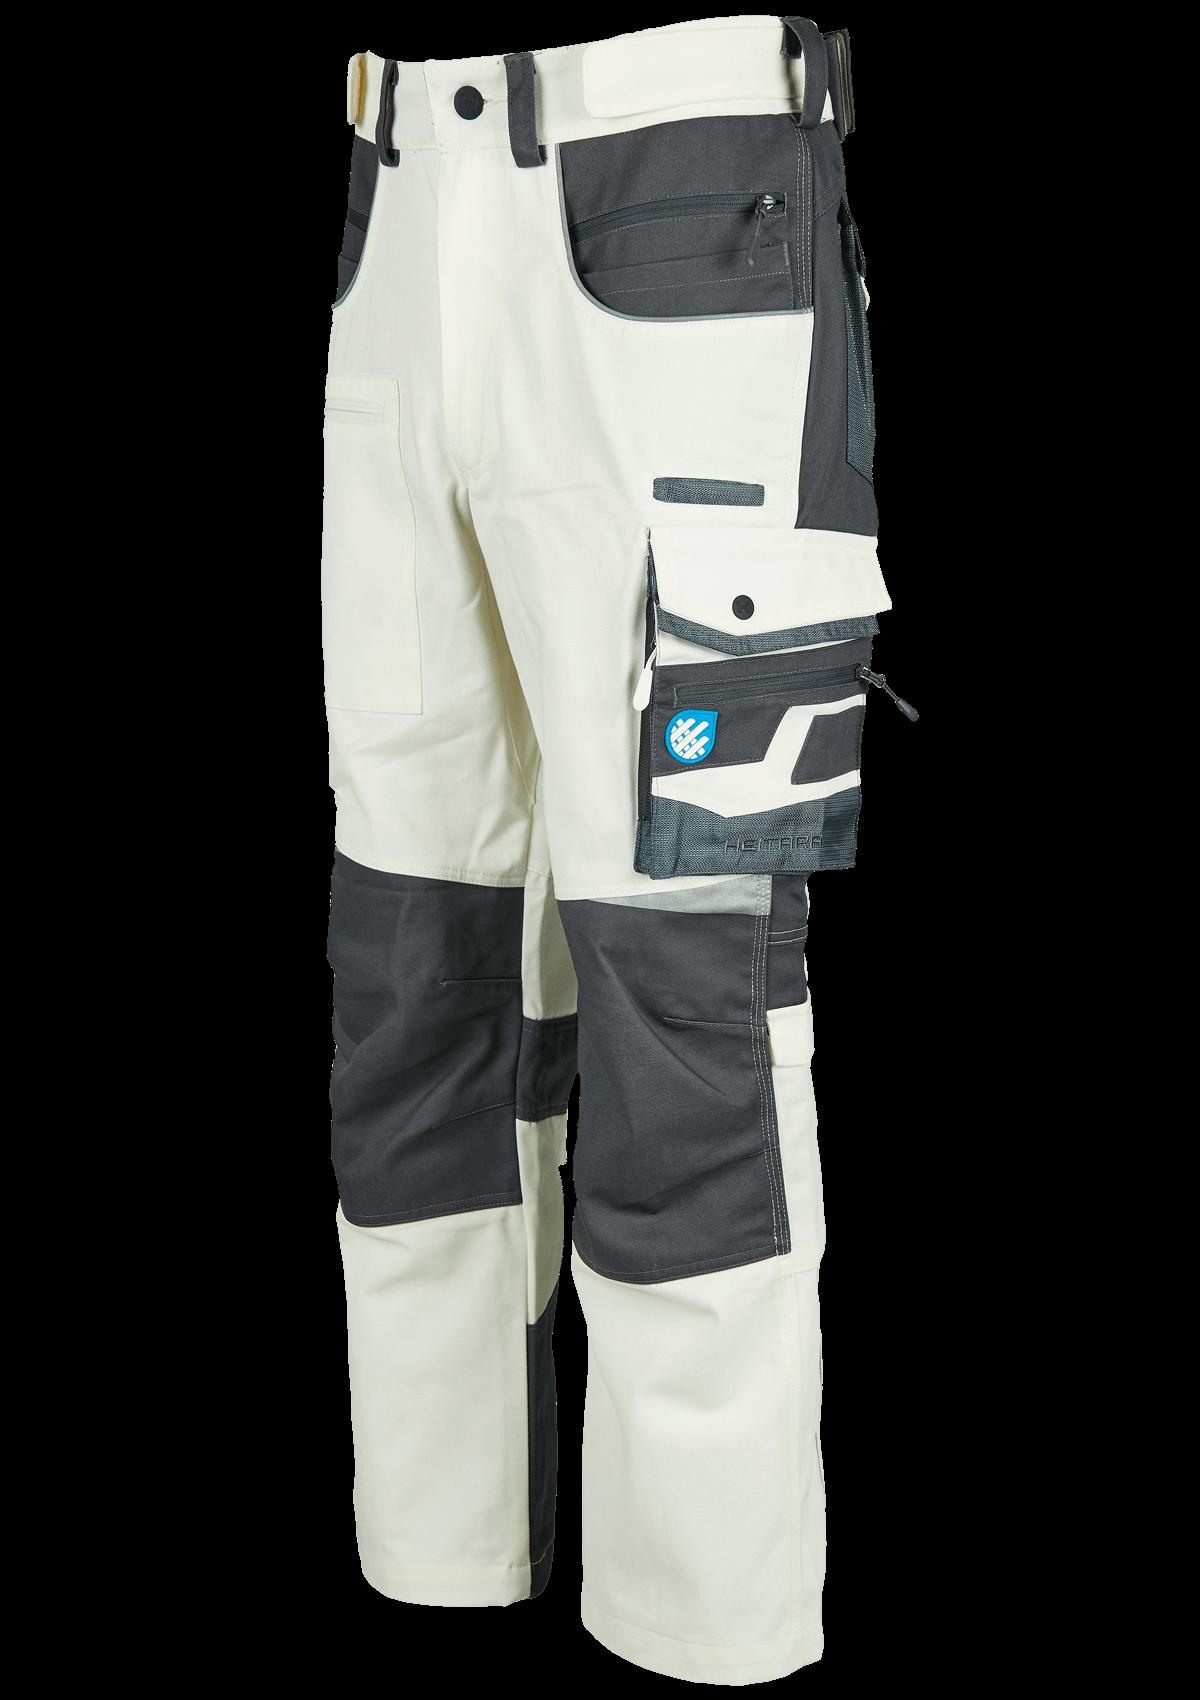 Bundhose NORDURA™ PRO-W - Kalk / Zement